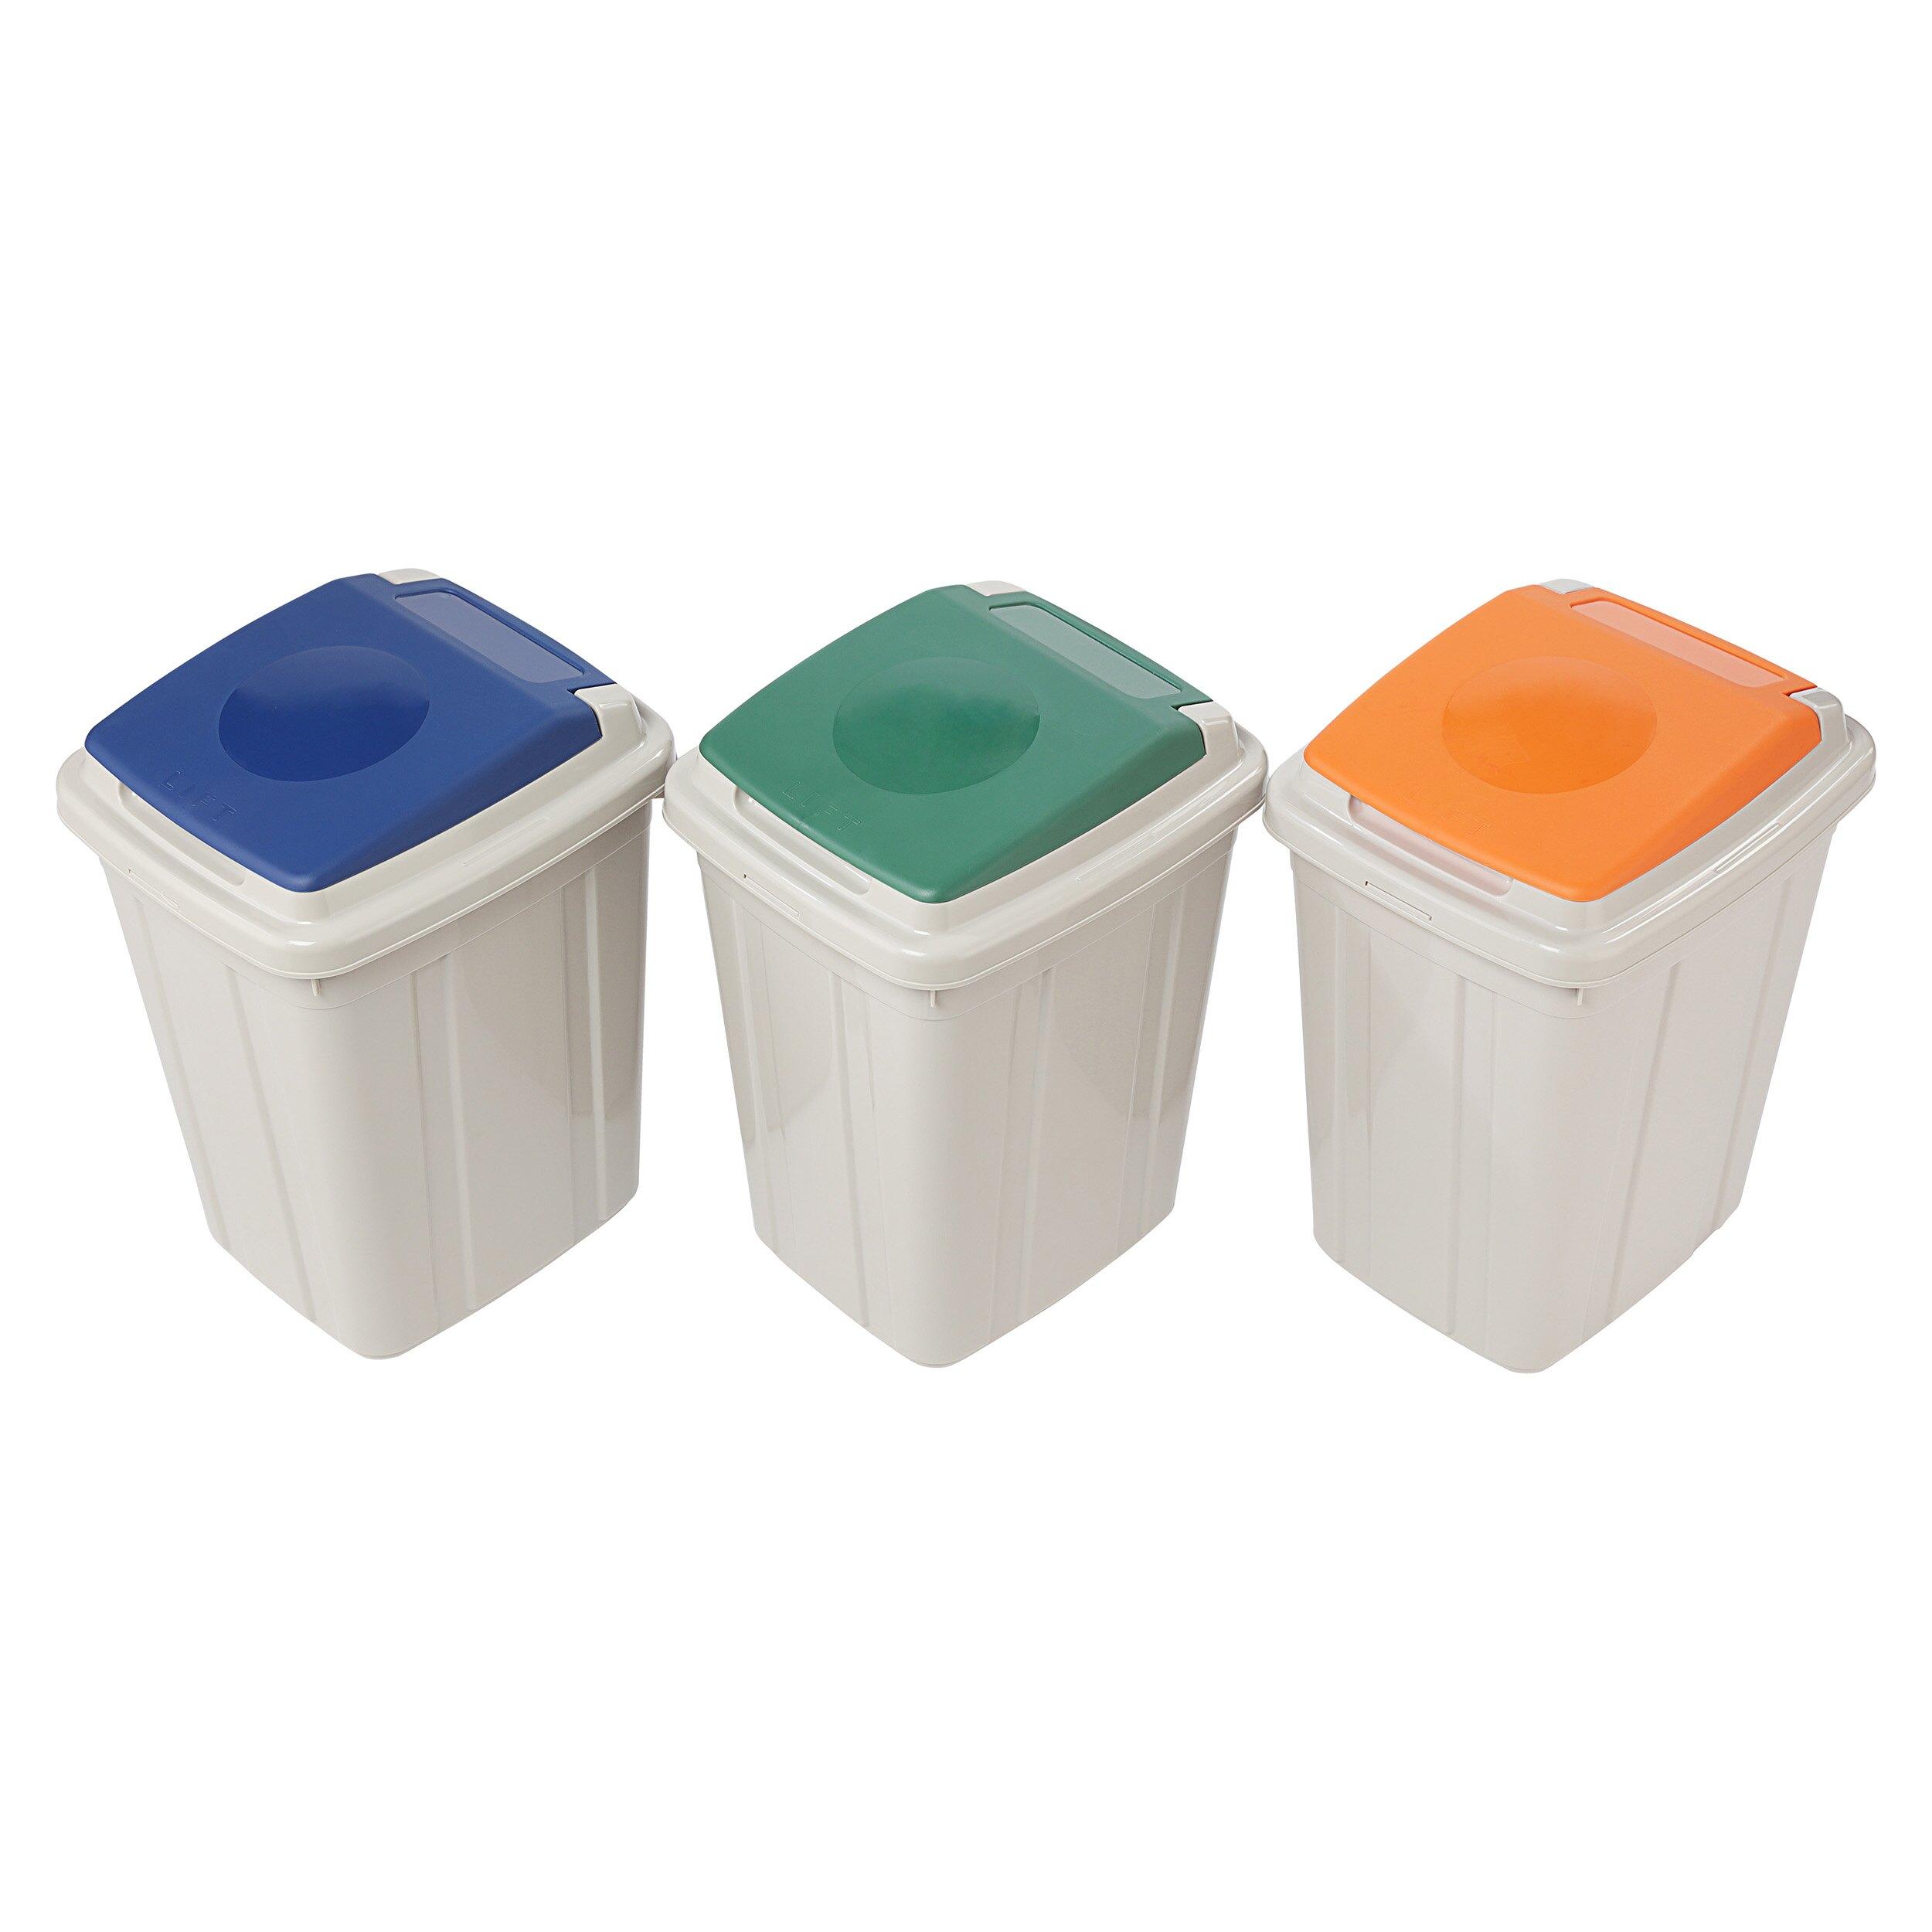 掀蓋垃圾桶/環保概念/MIT台灣製造 日式分類附蓋垃圾桶 CL26 KEYWAY聯府